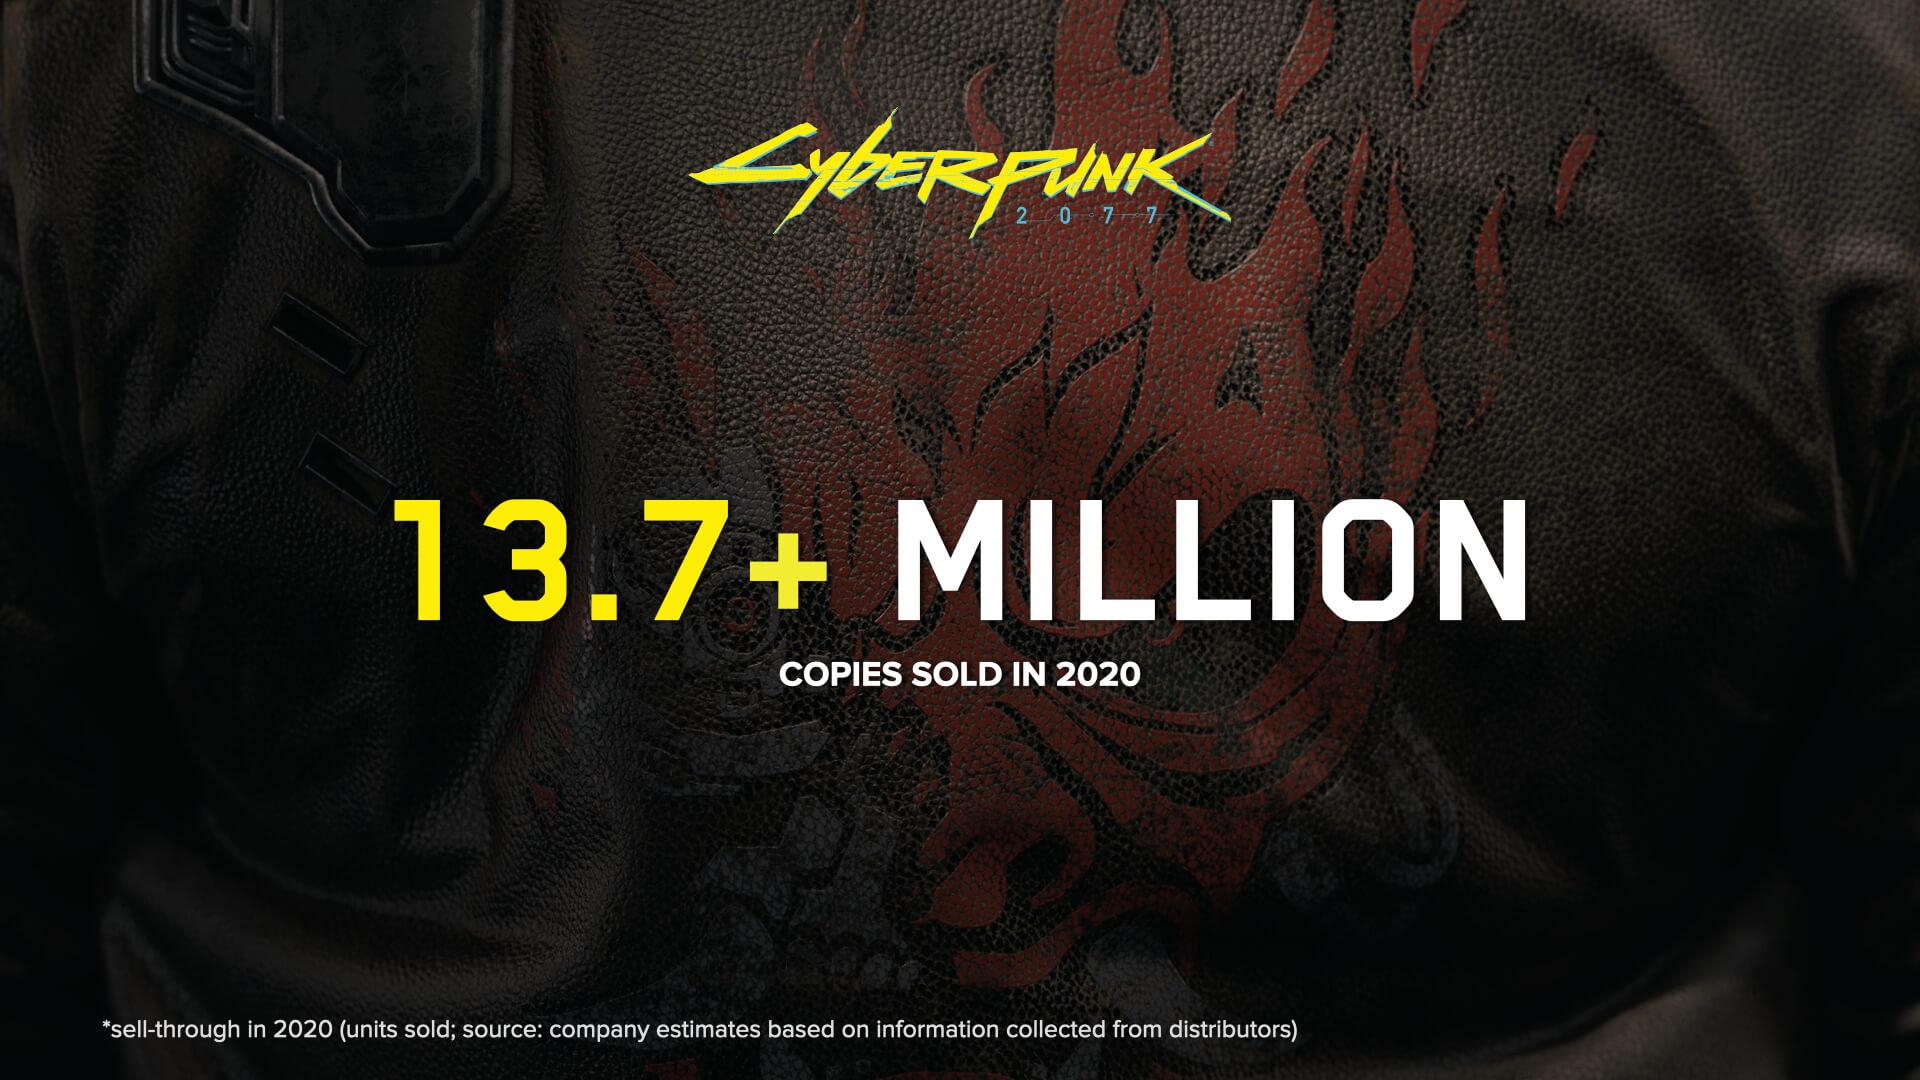 Cyberpunk 2077 logró vender más de 13,7 millones de copias solo en 2020